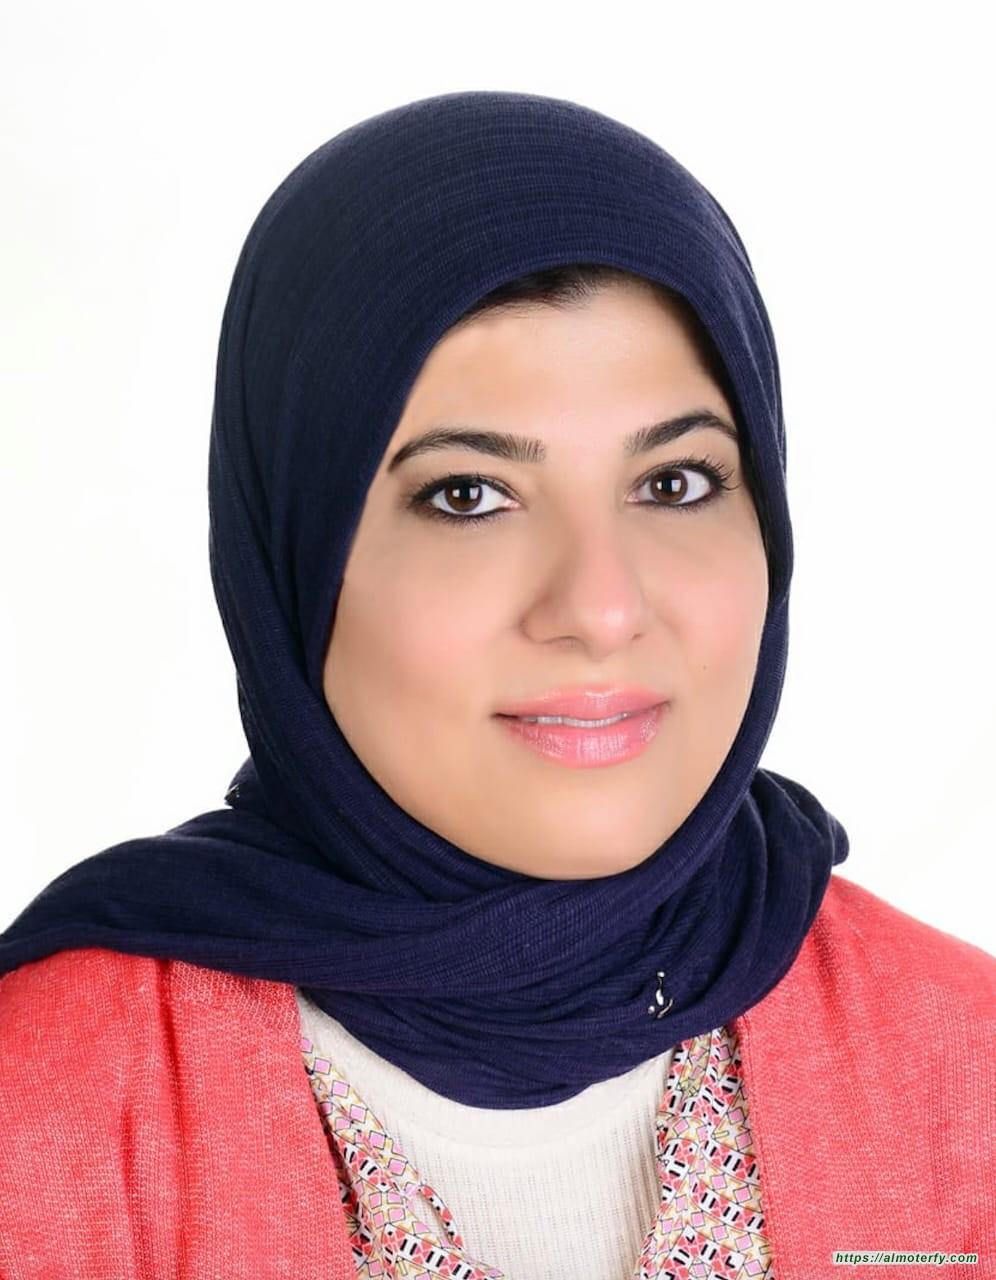 الدكتورة البحرينية هالة الجاسم : ارتفاع الحالات القائمة من الفئات الأقل مناعة في المجتمع مؤشر خطر لازدياد أعداد المخالطين